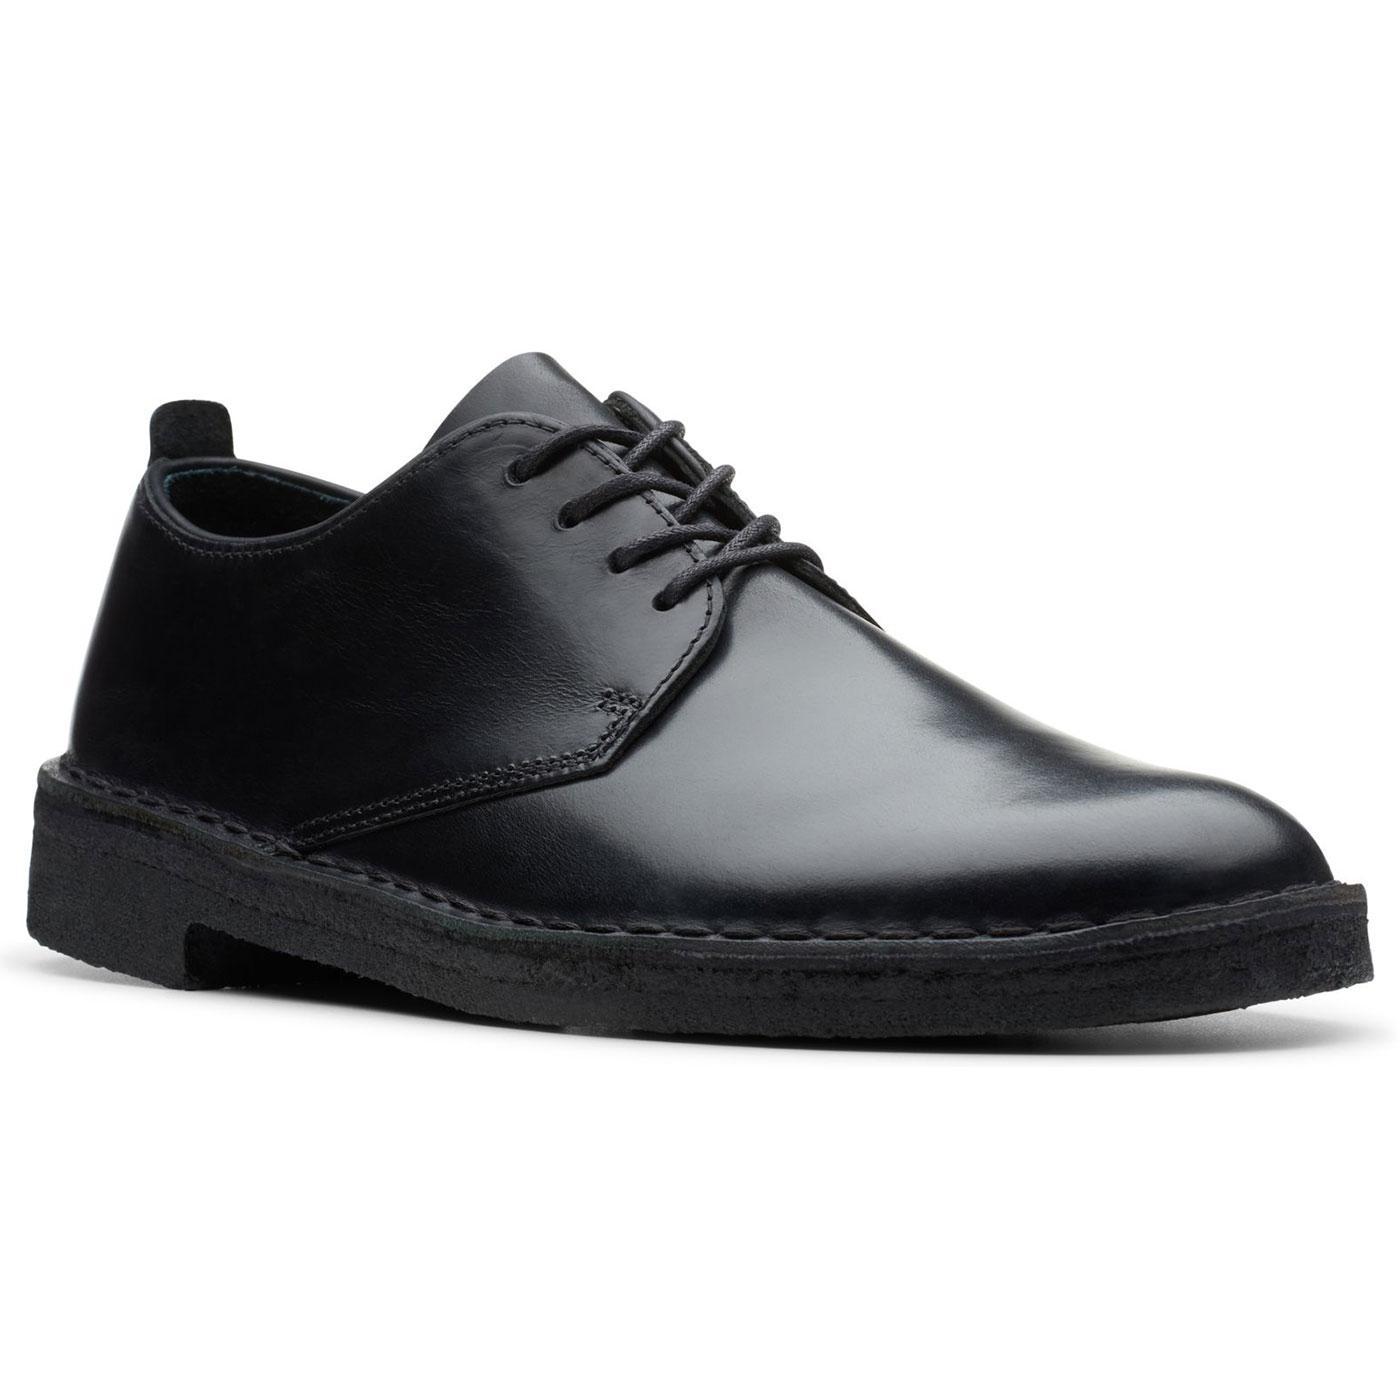 Desert London CLARKS ORIGINALS Leather Mod Shoes B